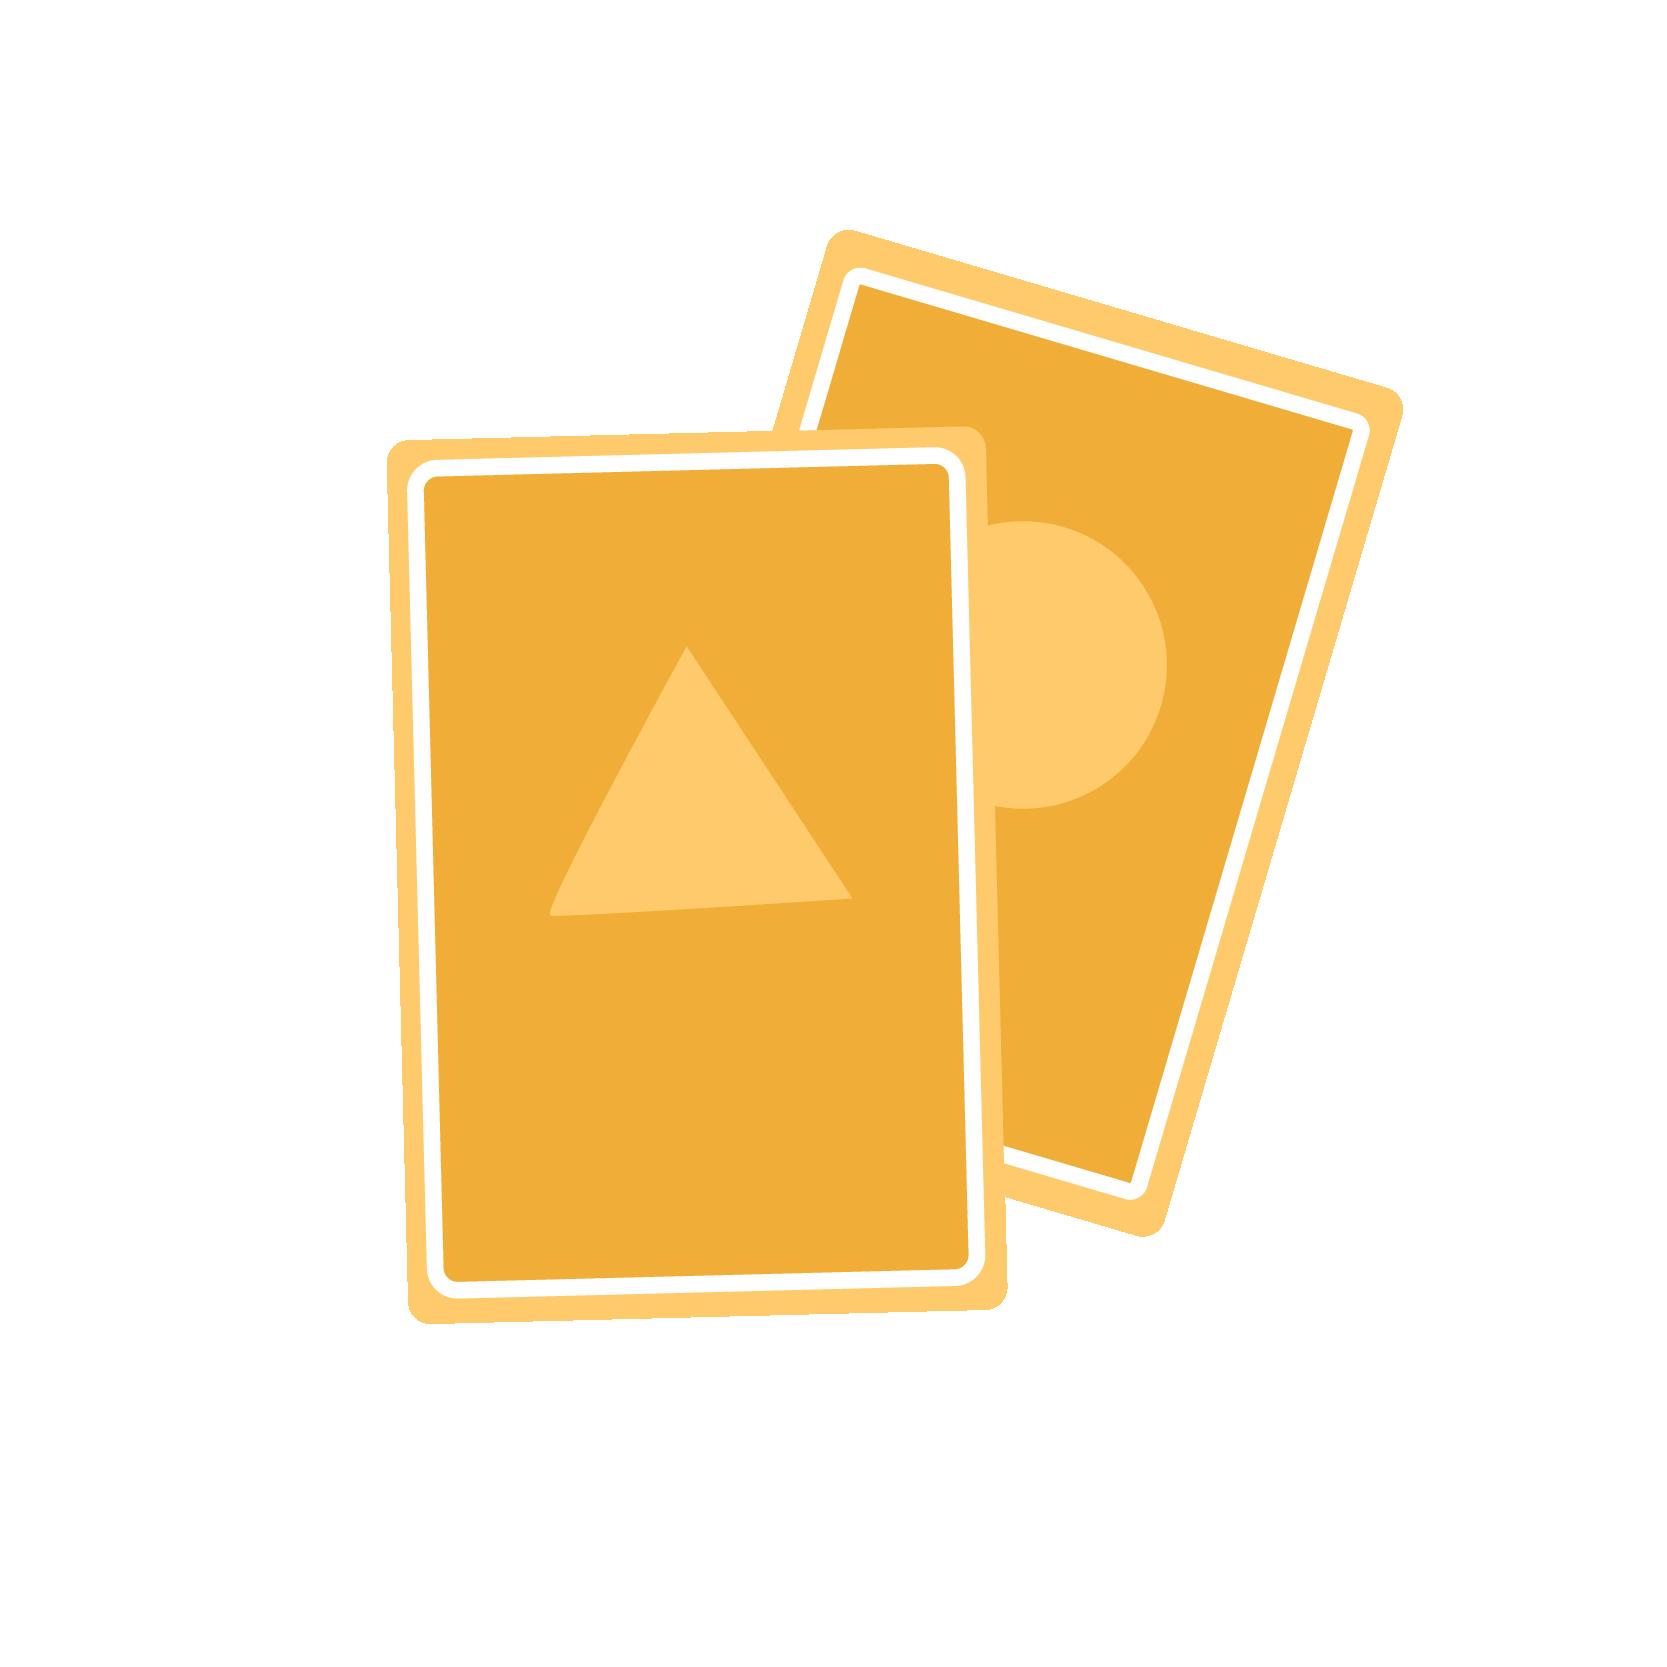 Kent State University Web Icon Effective Study Flashcards